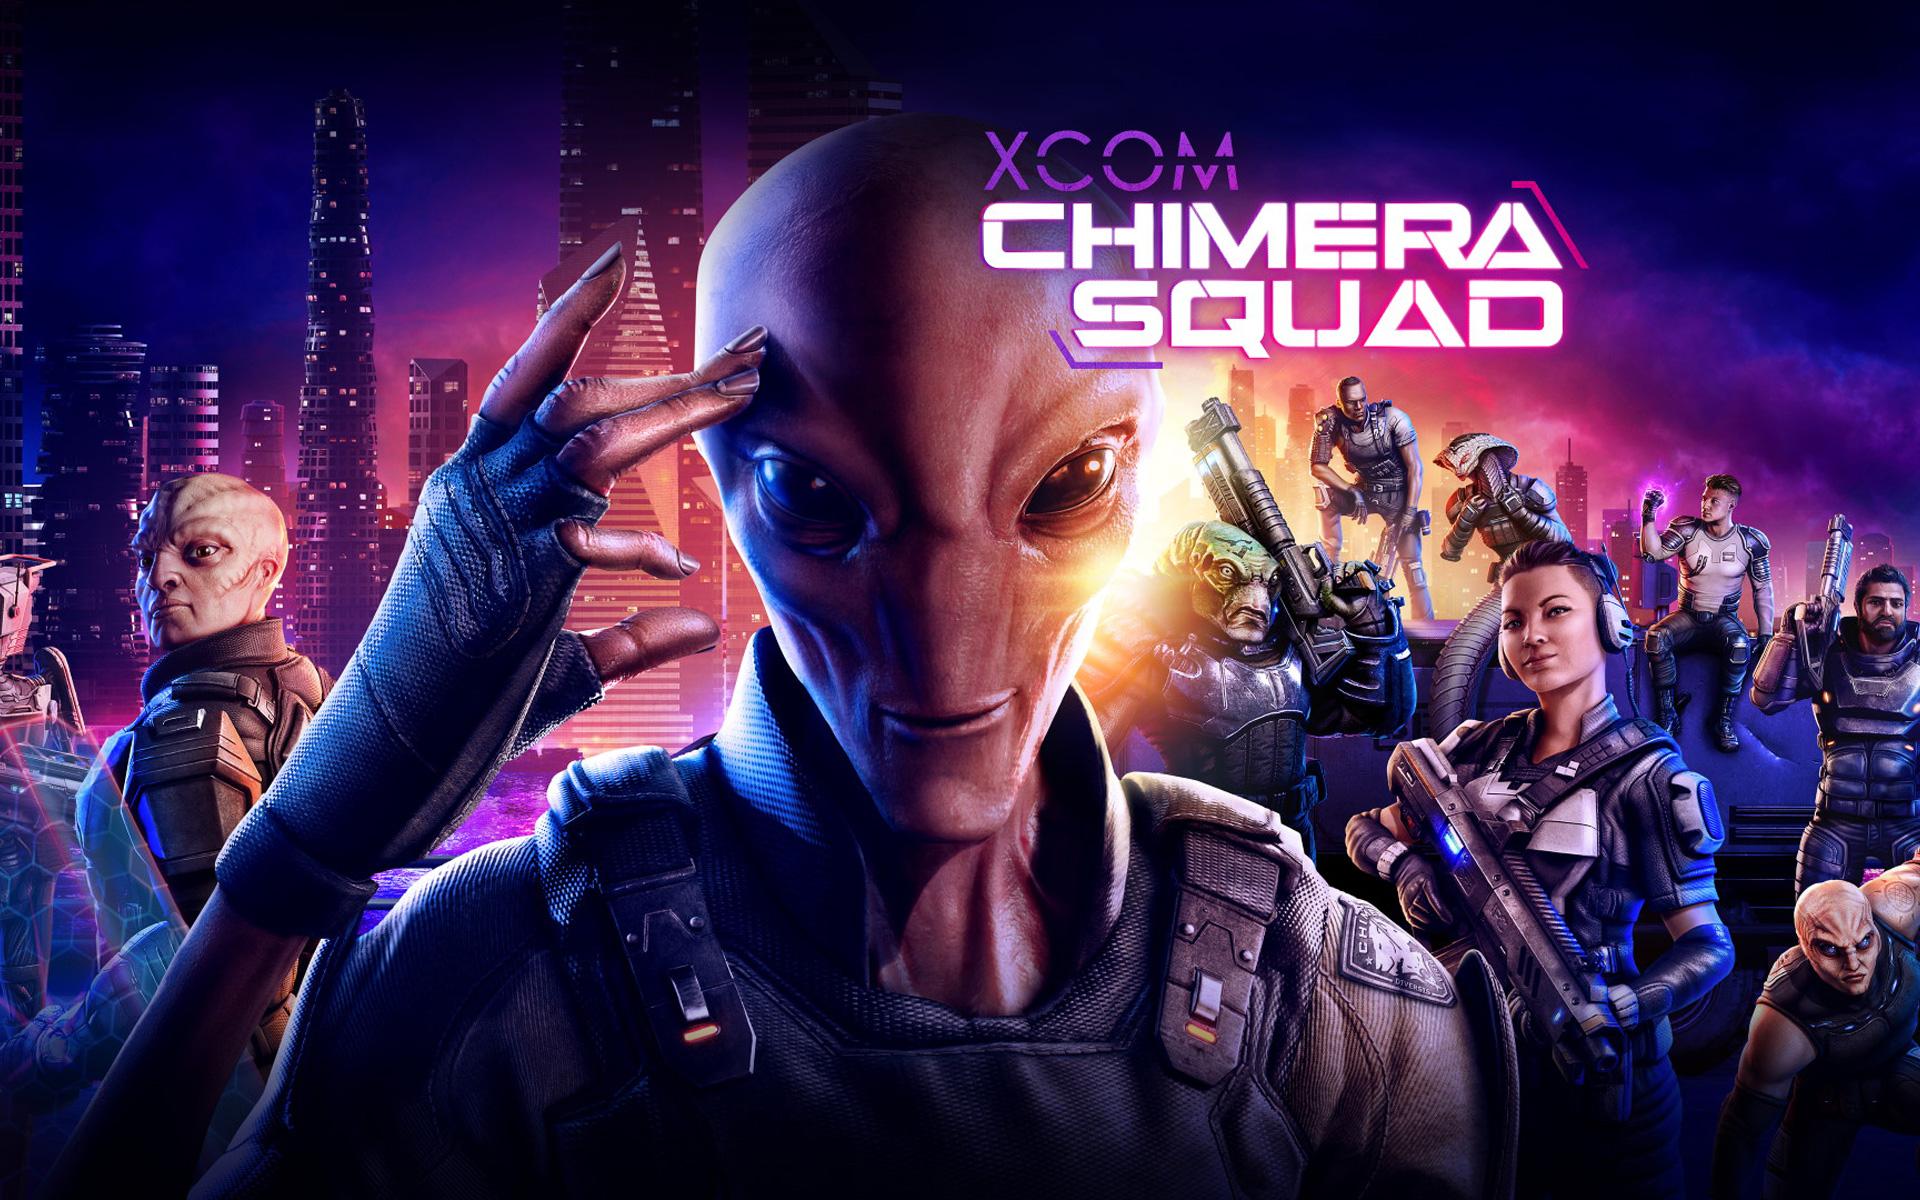 Free XCOM: Chimera Squad Wallpaper in 1920x1200